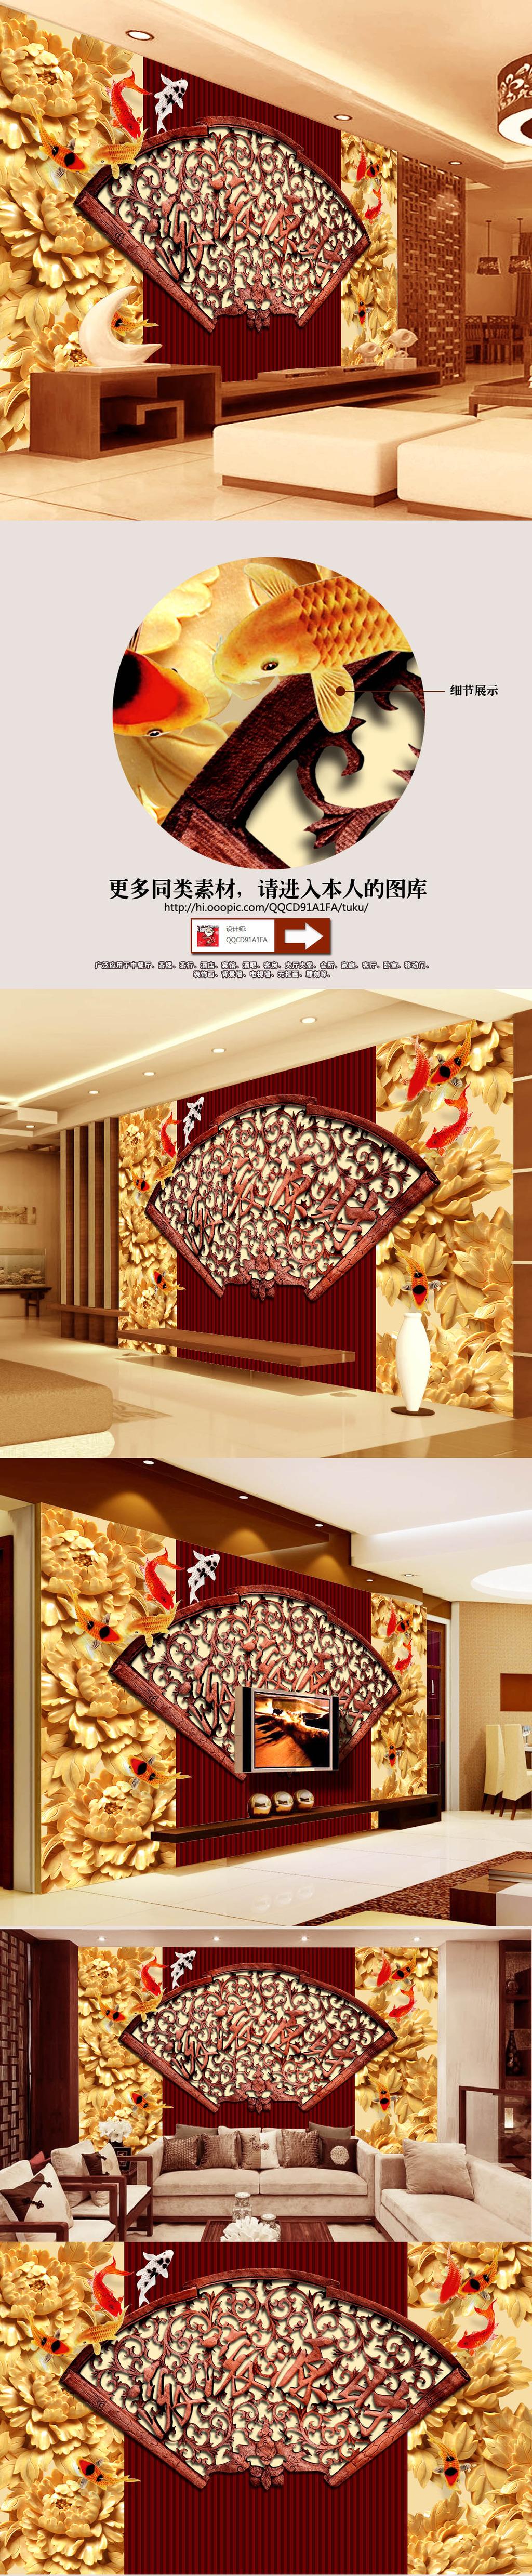 富贵牡丹图 木雕装饰画 客厅装饰背景 装饰背景图 九鱼图 红木 中国风